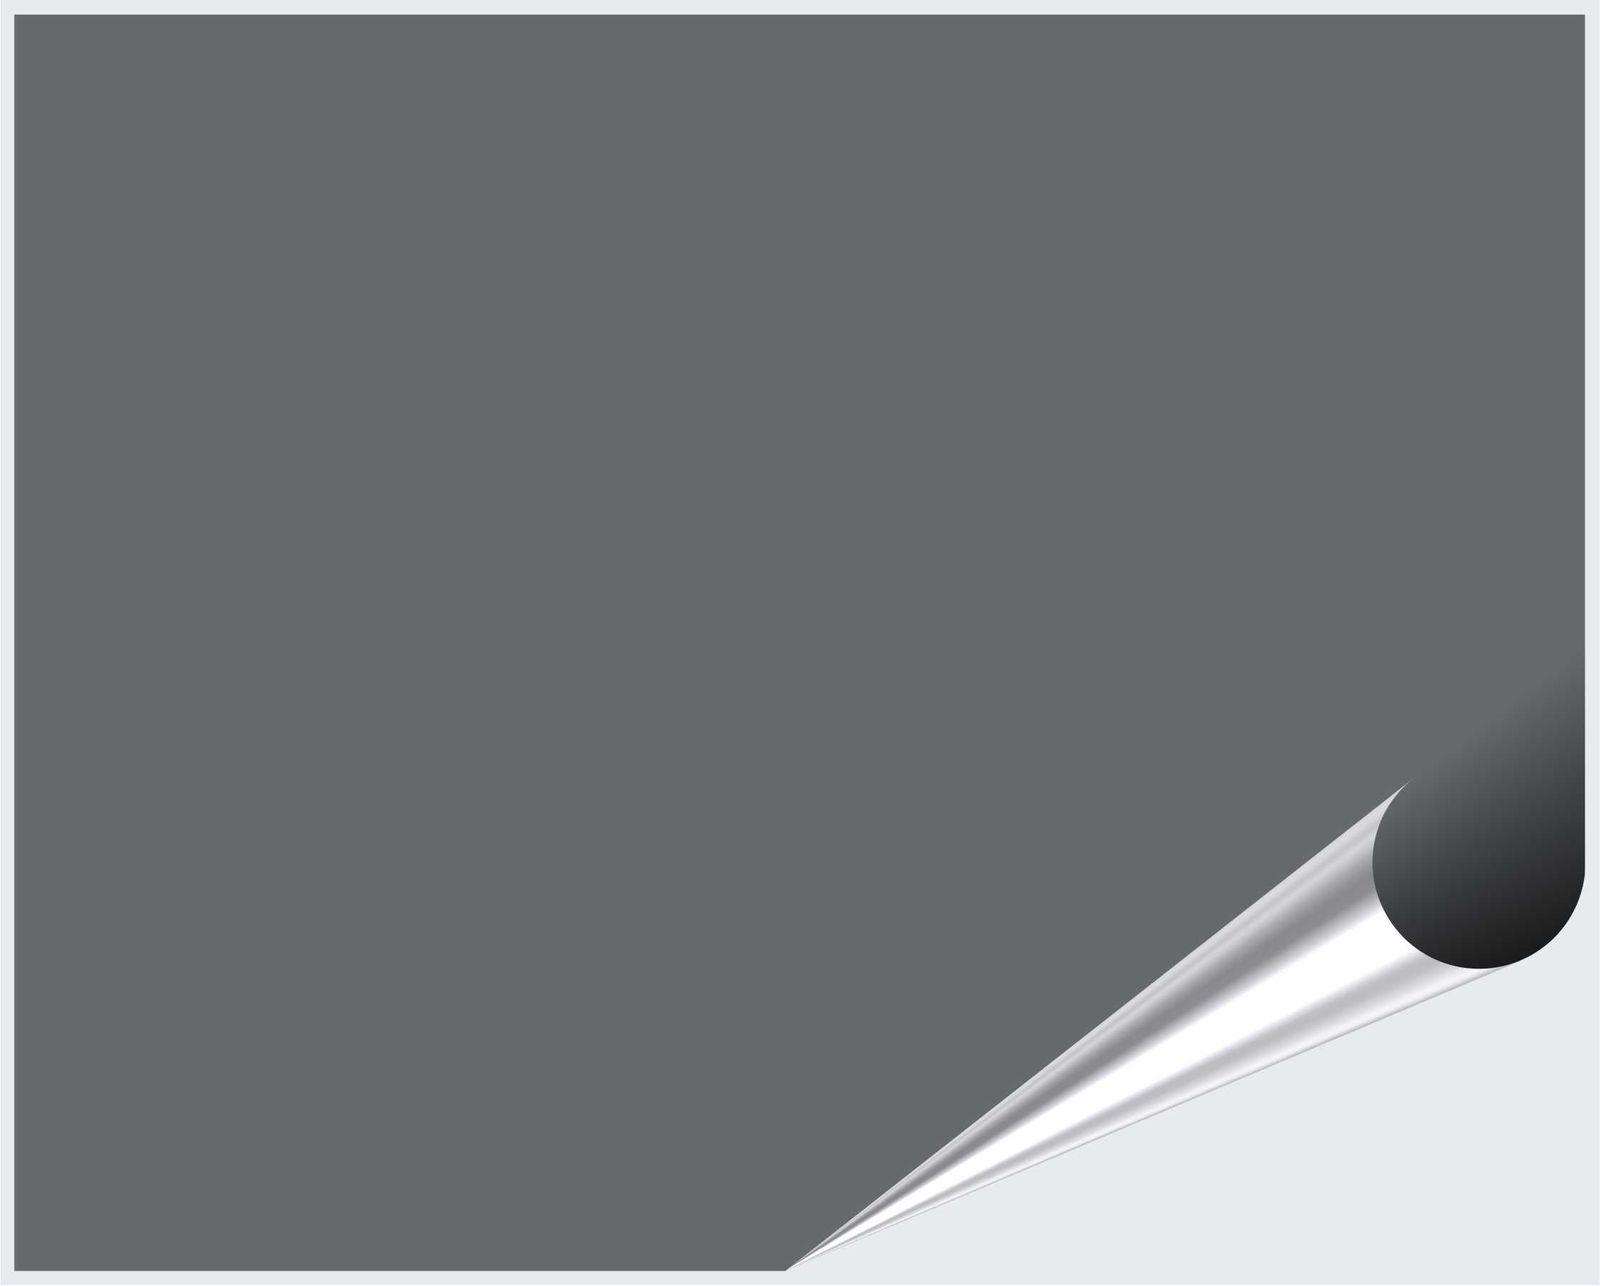 Fliesenaufkleber betongrau matt 20x25 cm for Fliesenaufkleber 20x25